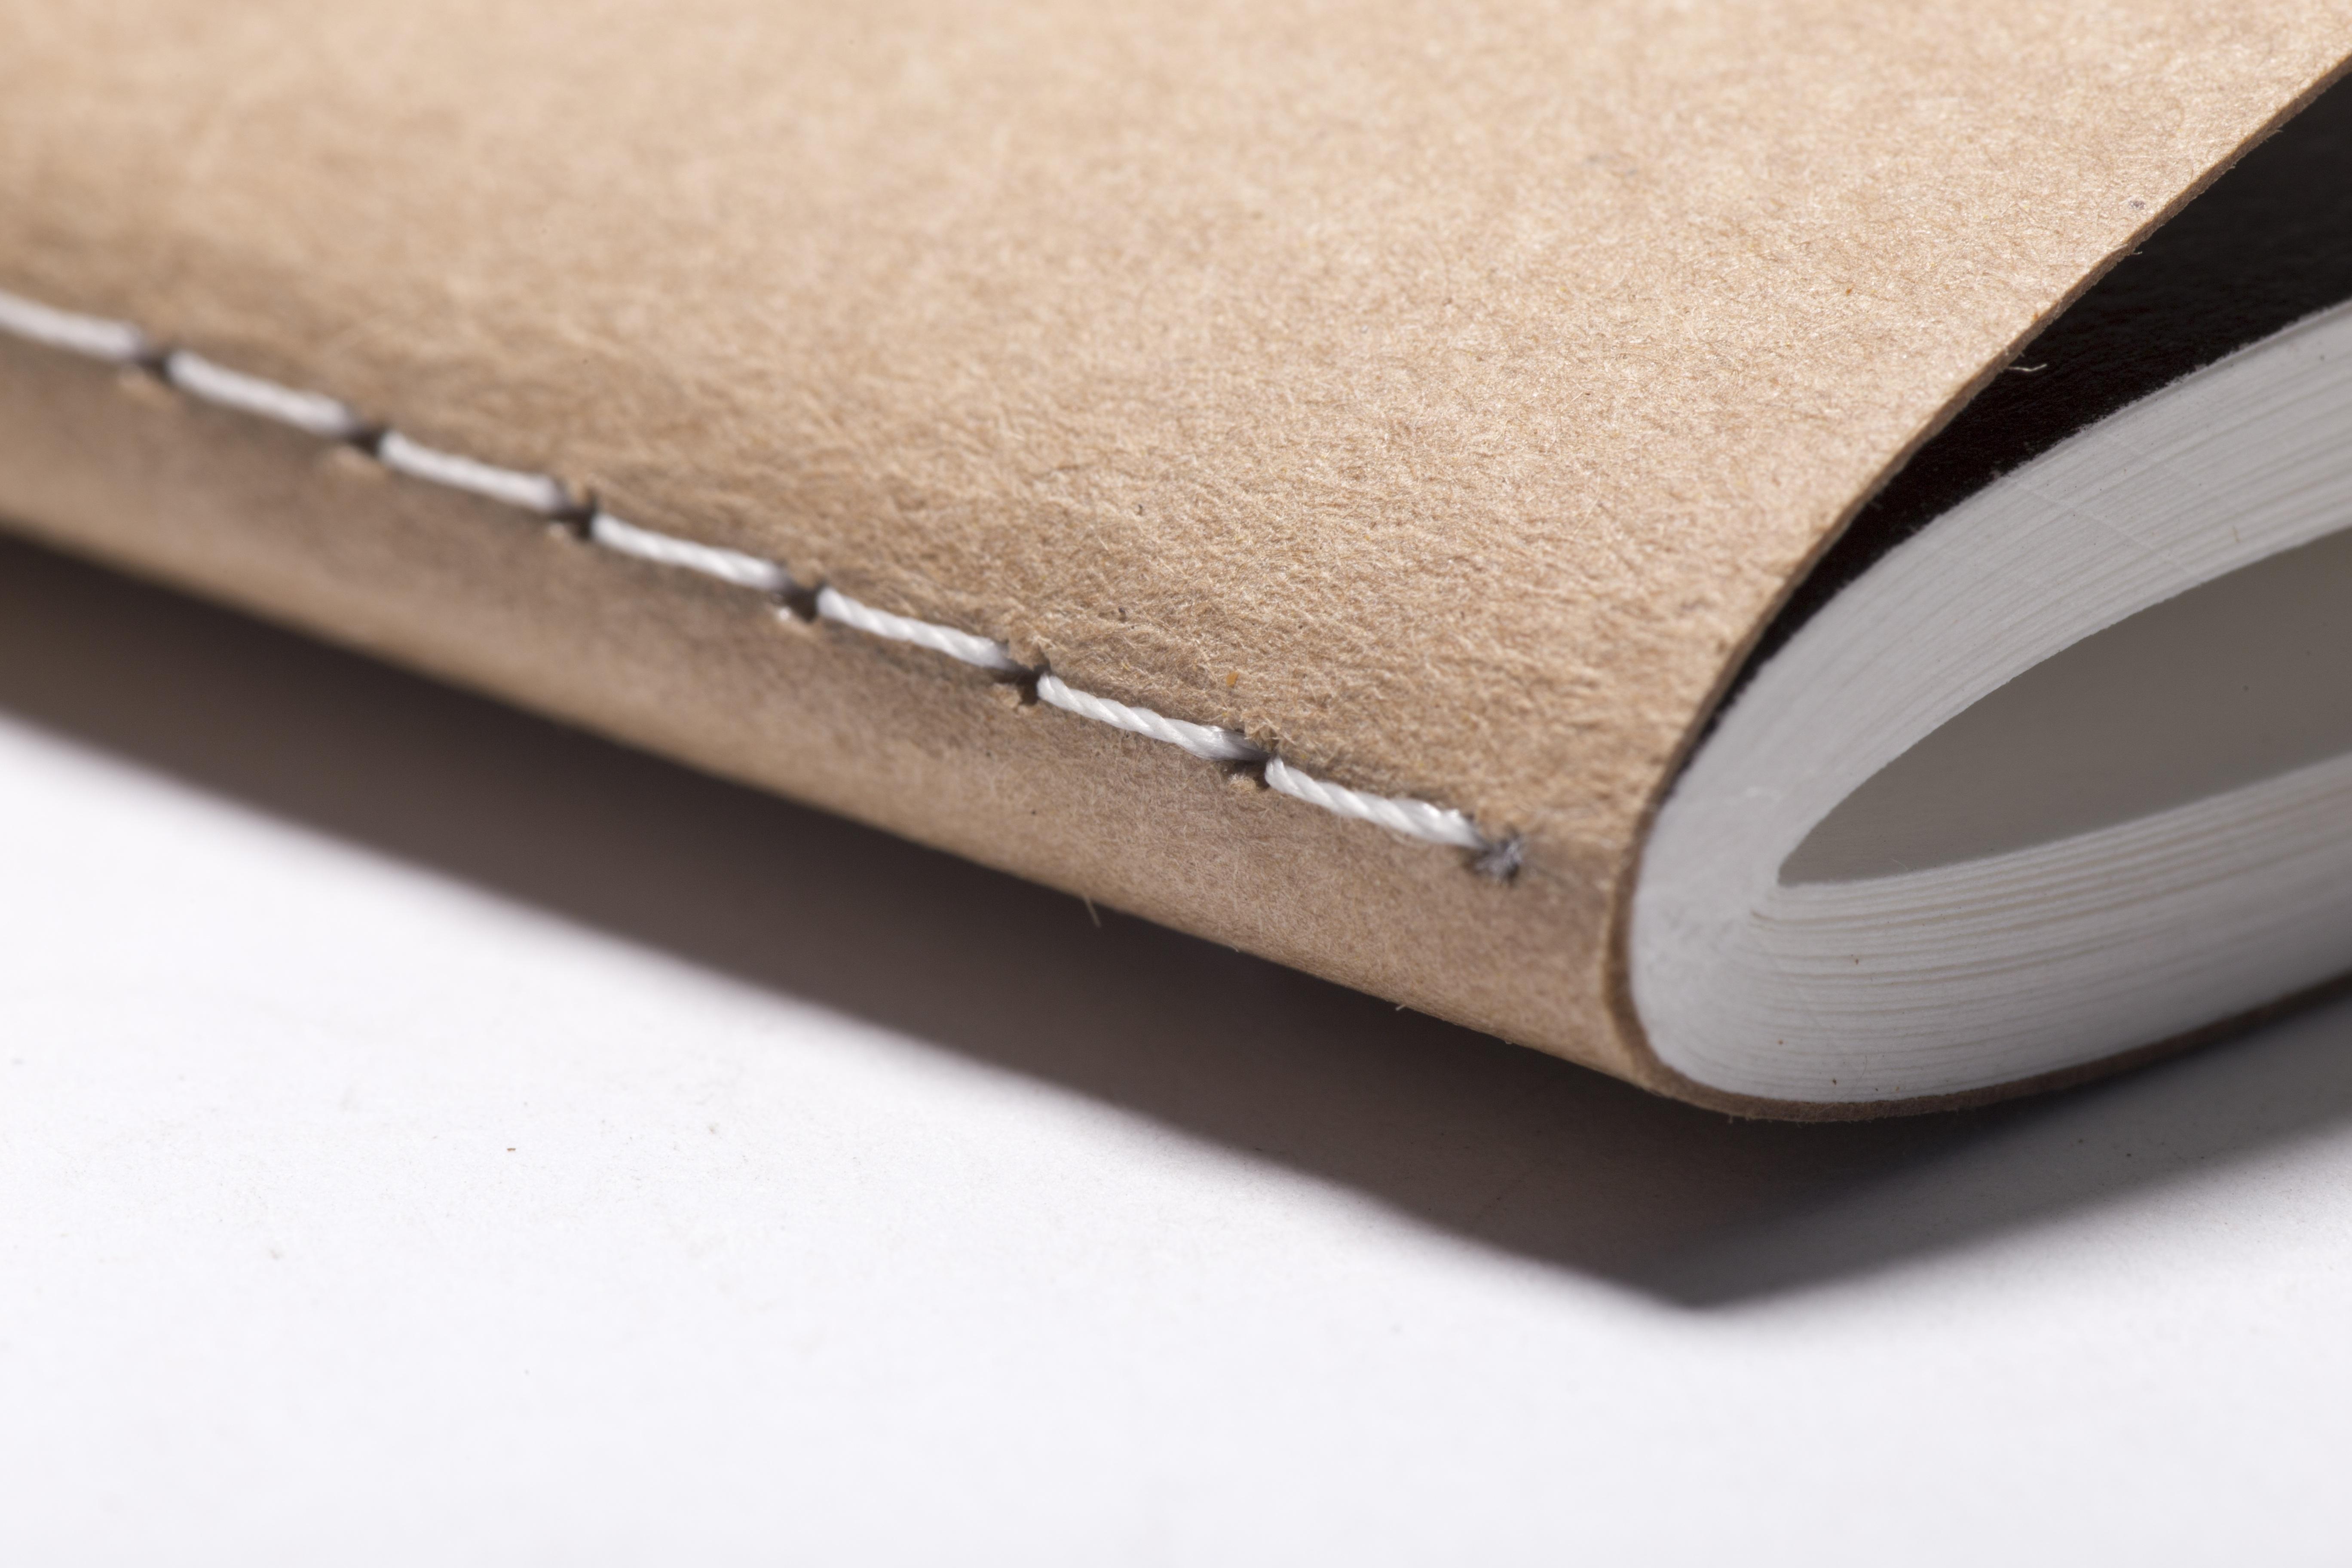 Kostenlose foto : Notizbuch, Buch, Weiß, Leder, Lesen, Tagebuch ...